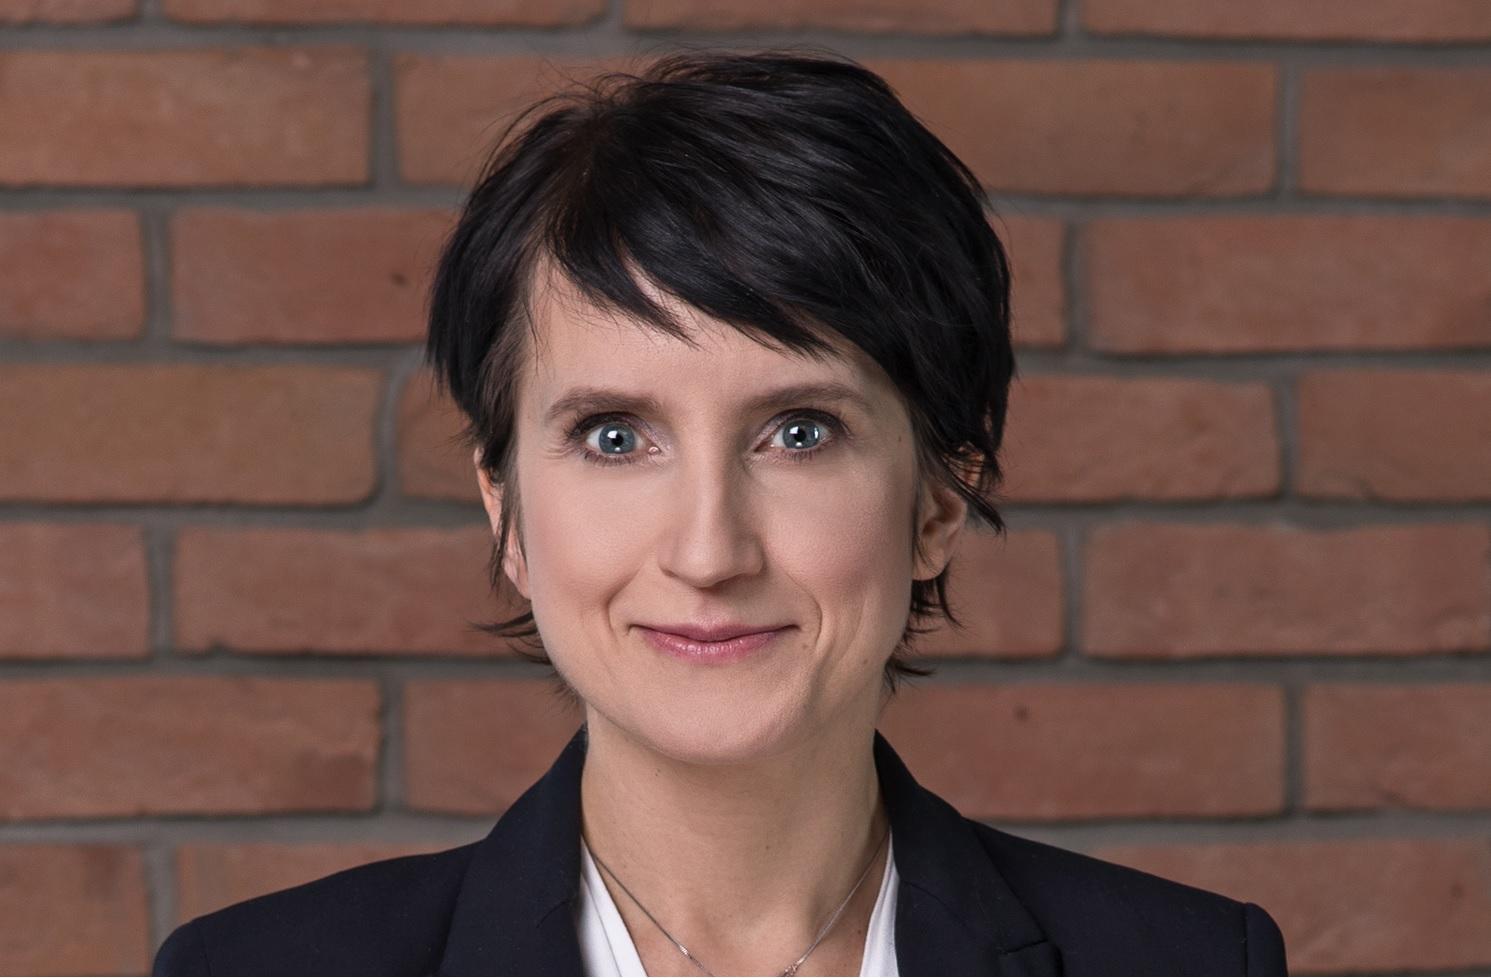 """Konferencja pod tytułem """"Projekt dyrektywy o nieuczciwych praktykach handlowych w łańcuchu dostaw żywności a polska ustawa o przeciwdziałaniu nieuczciwemu wykorzystywaniu przewagi kontraktowej"""""""